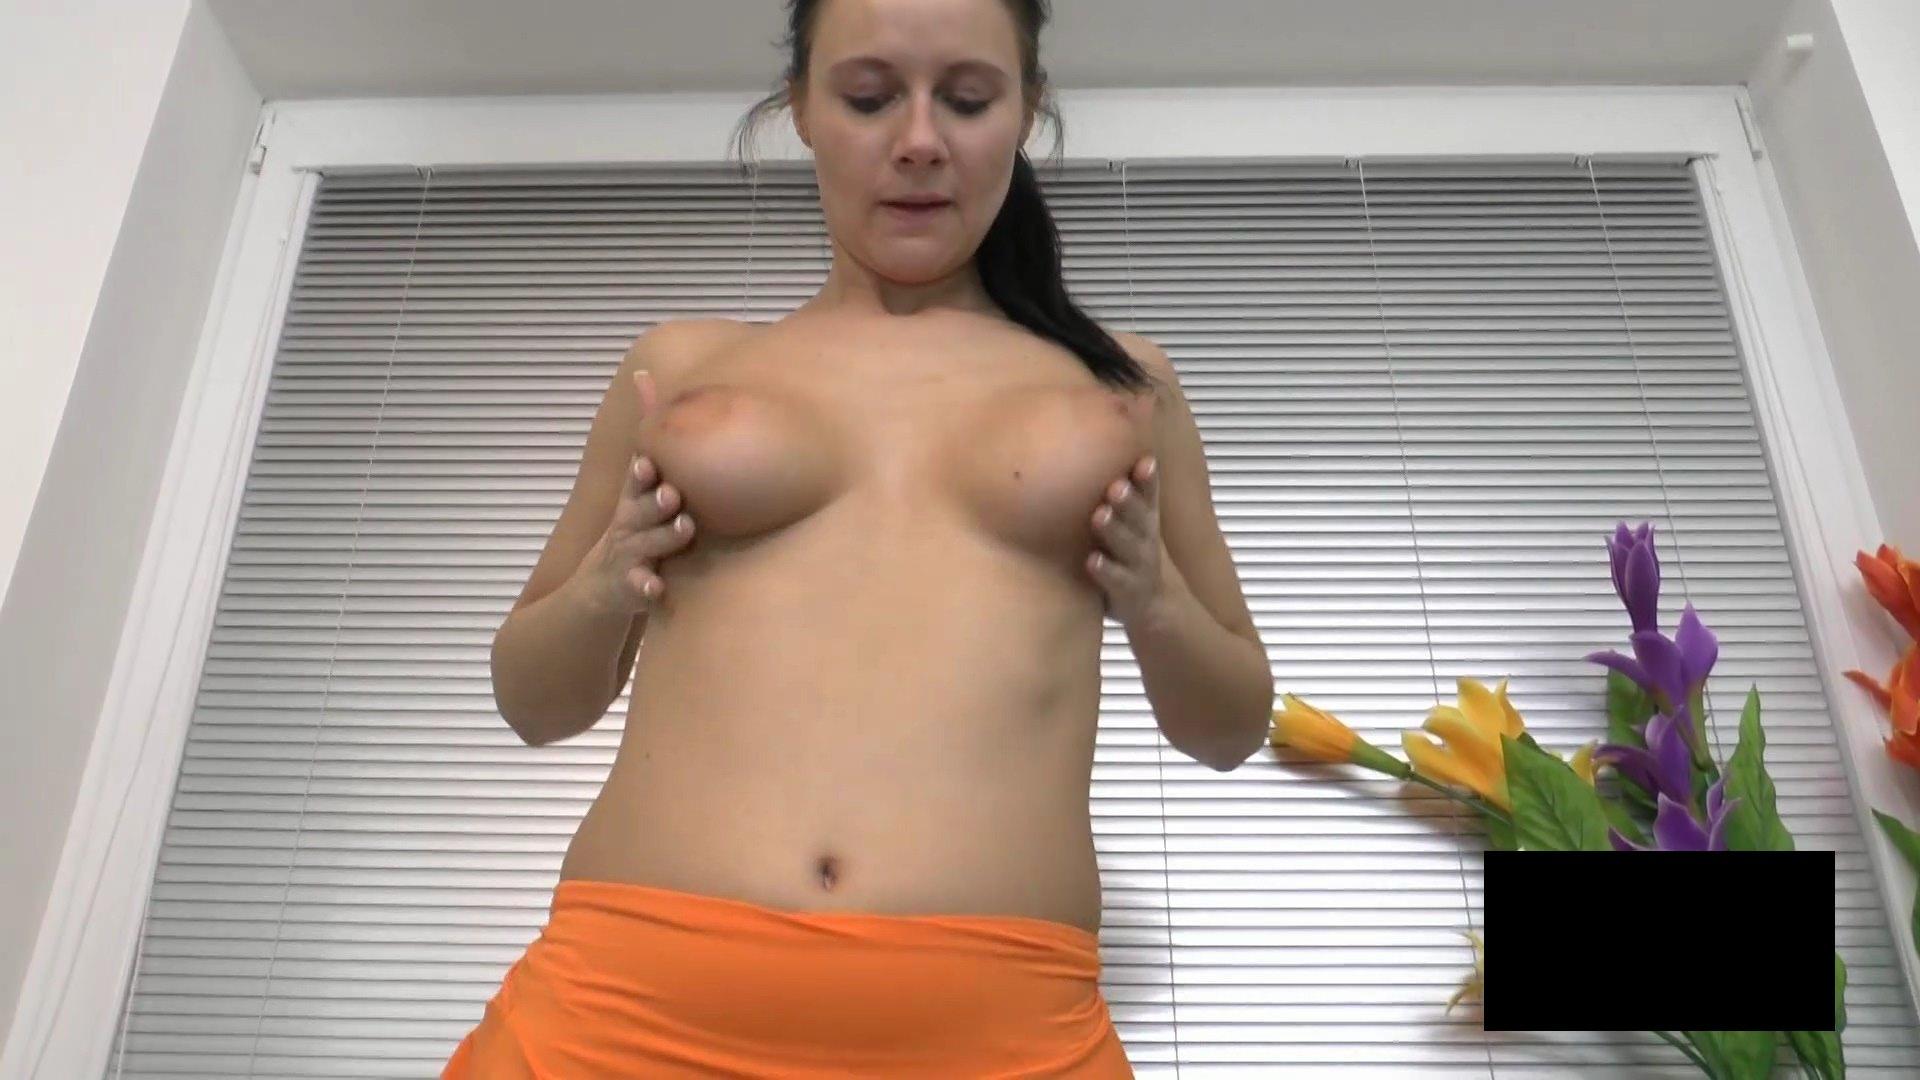 脂肪たっぷりの東欧熟女の脱衣ヌード画像貼ってくwwwwwwwww Mpvc80f